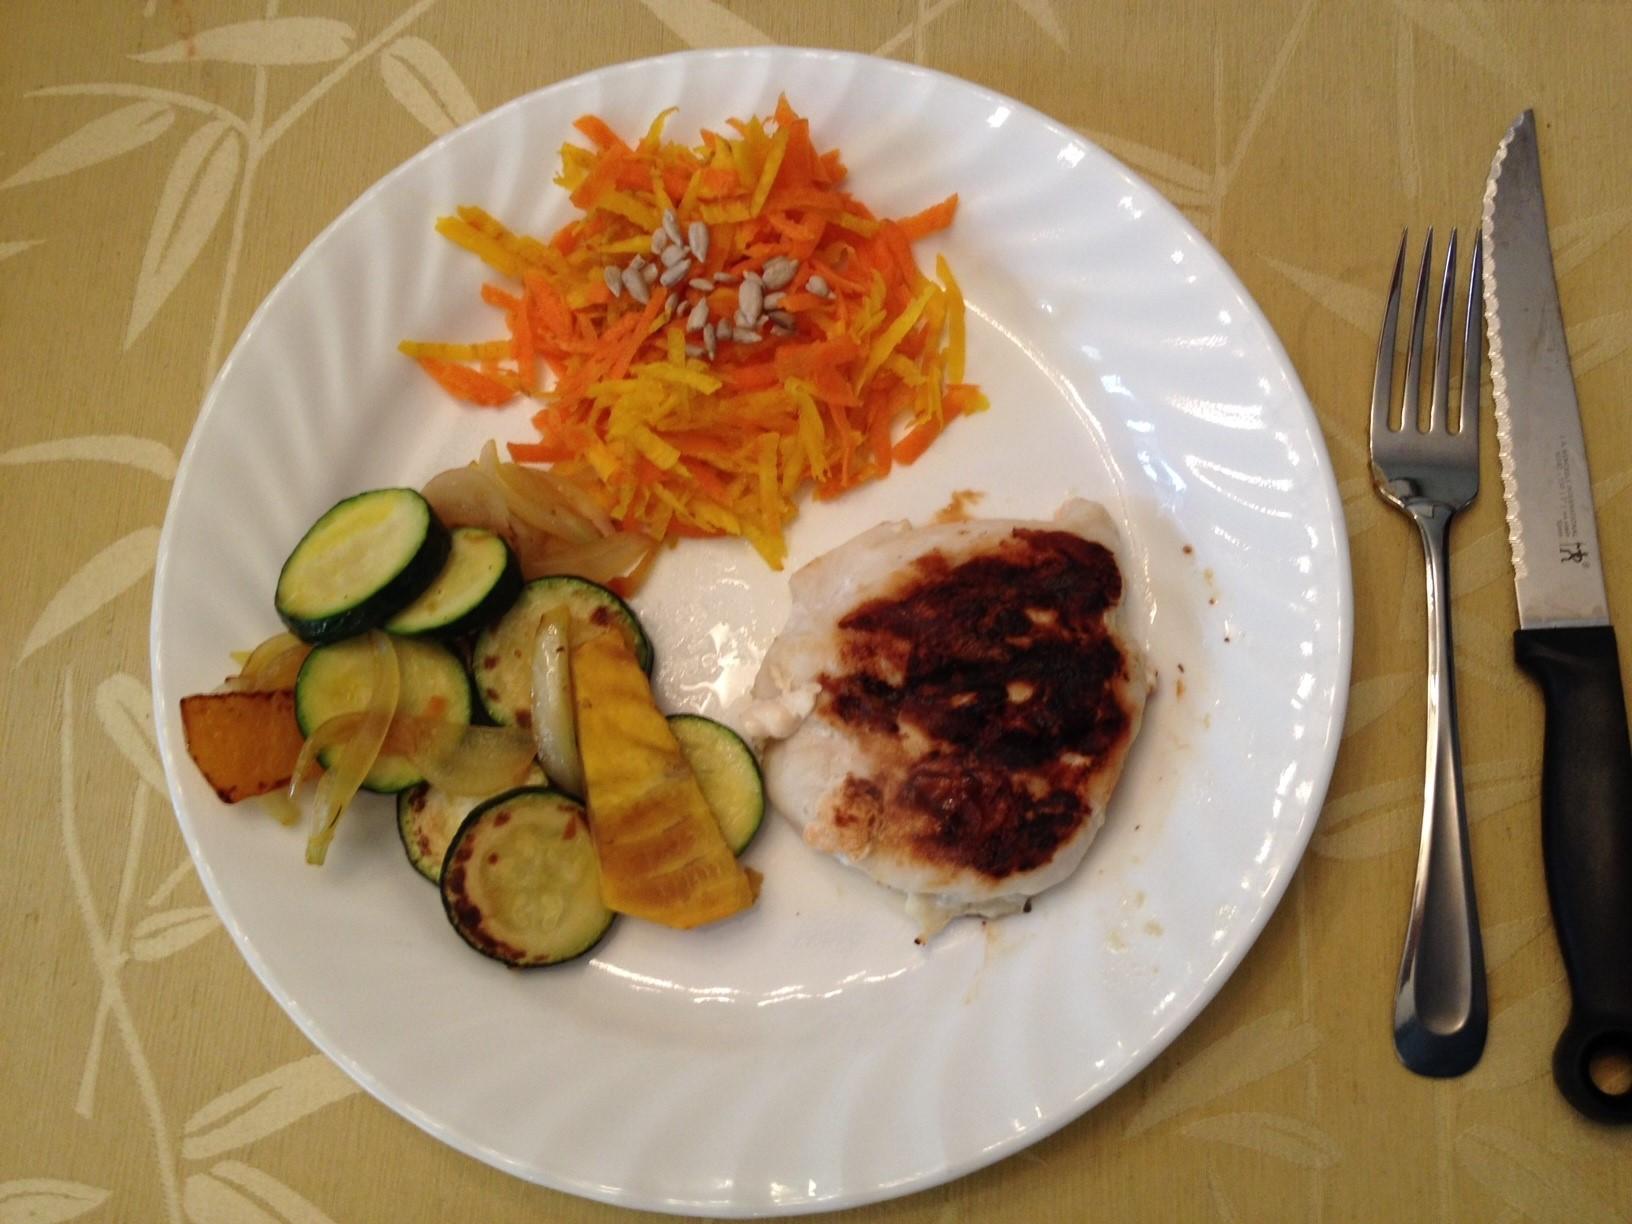 the plan diet recipes lyn-genet breakfast